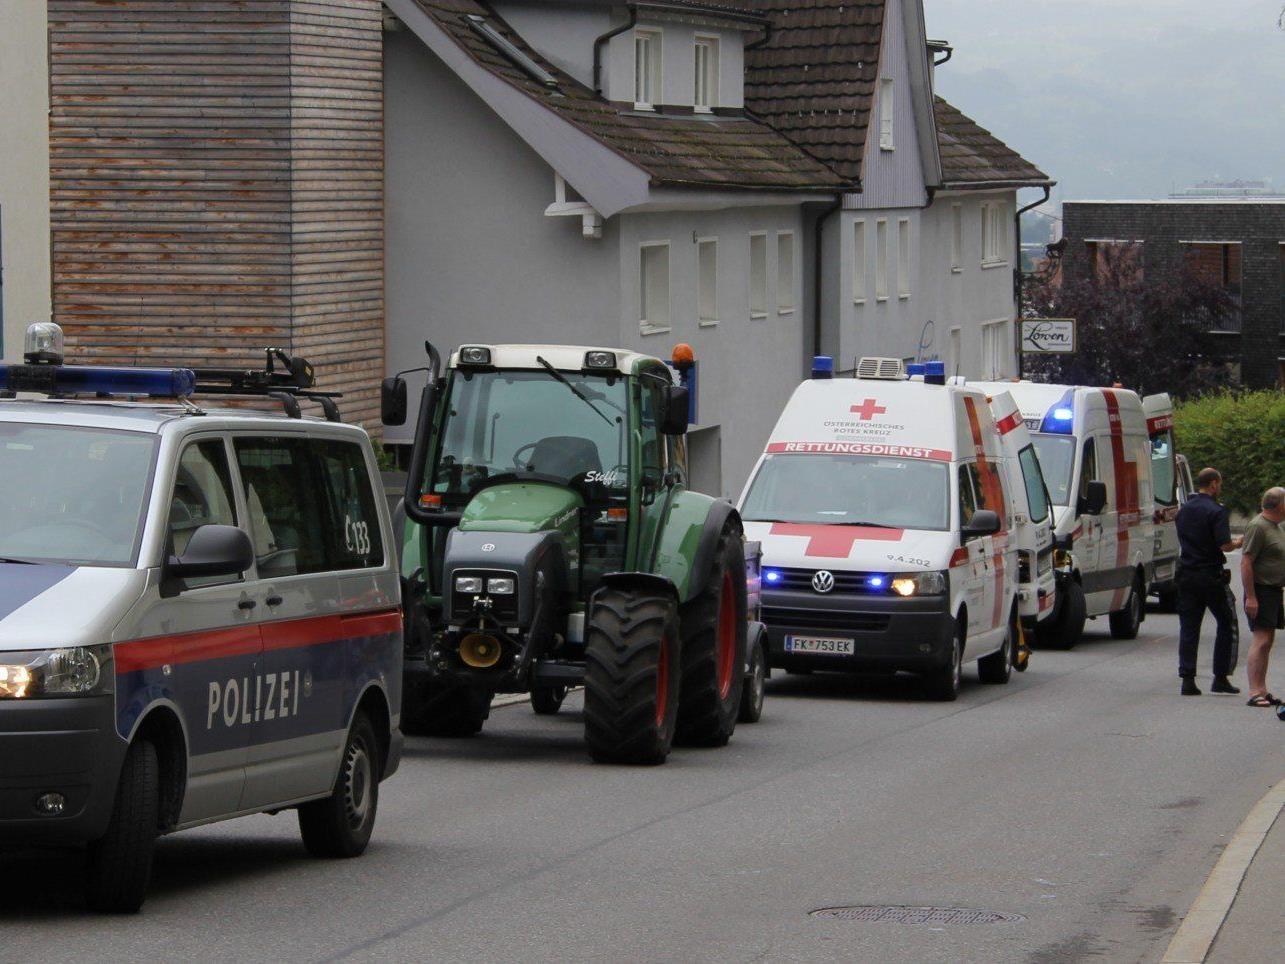 Der Schweizer Urlauber prallte mit seinem Motorrad gegen eine Hauswand.